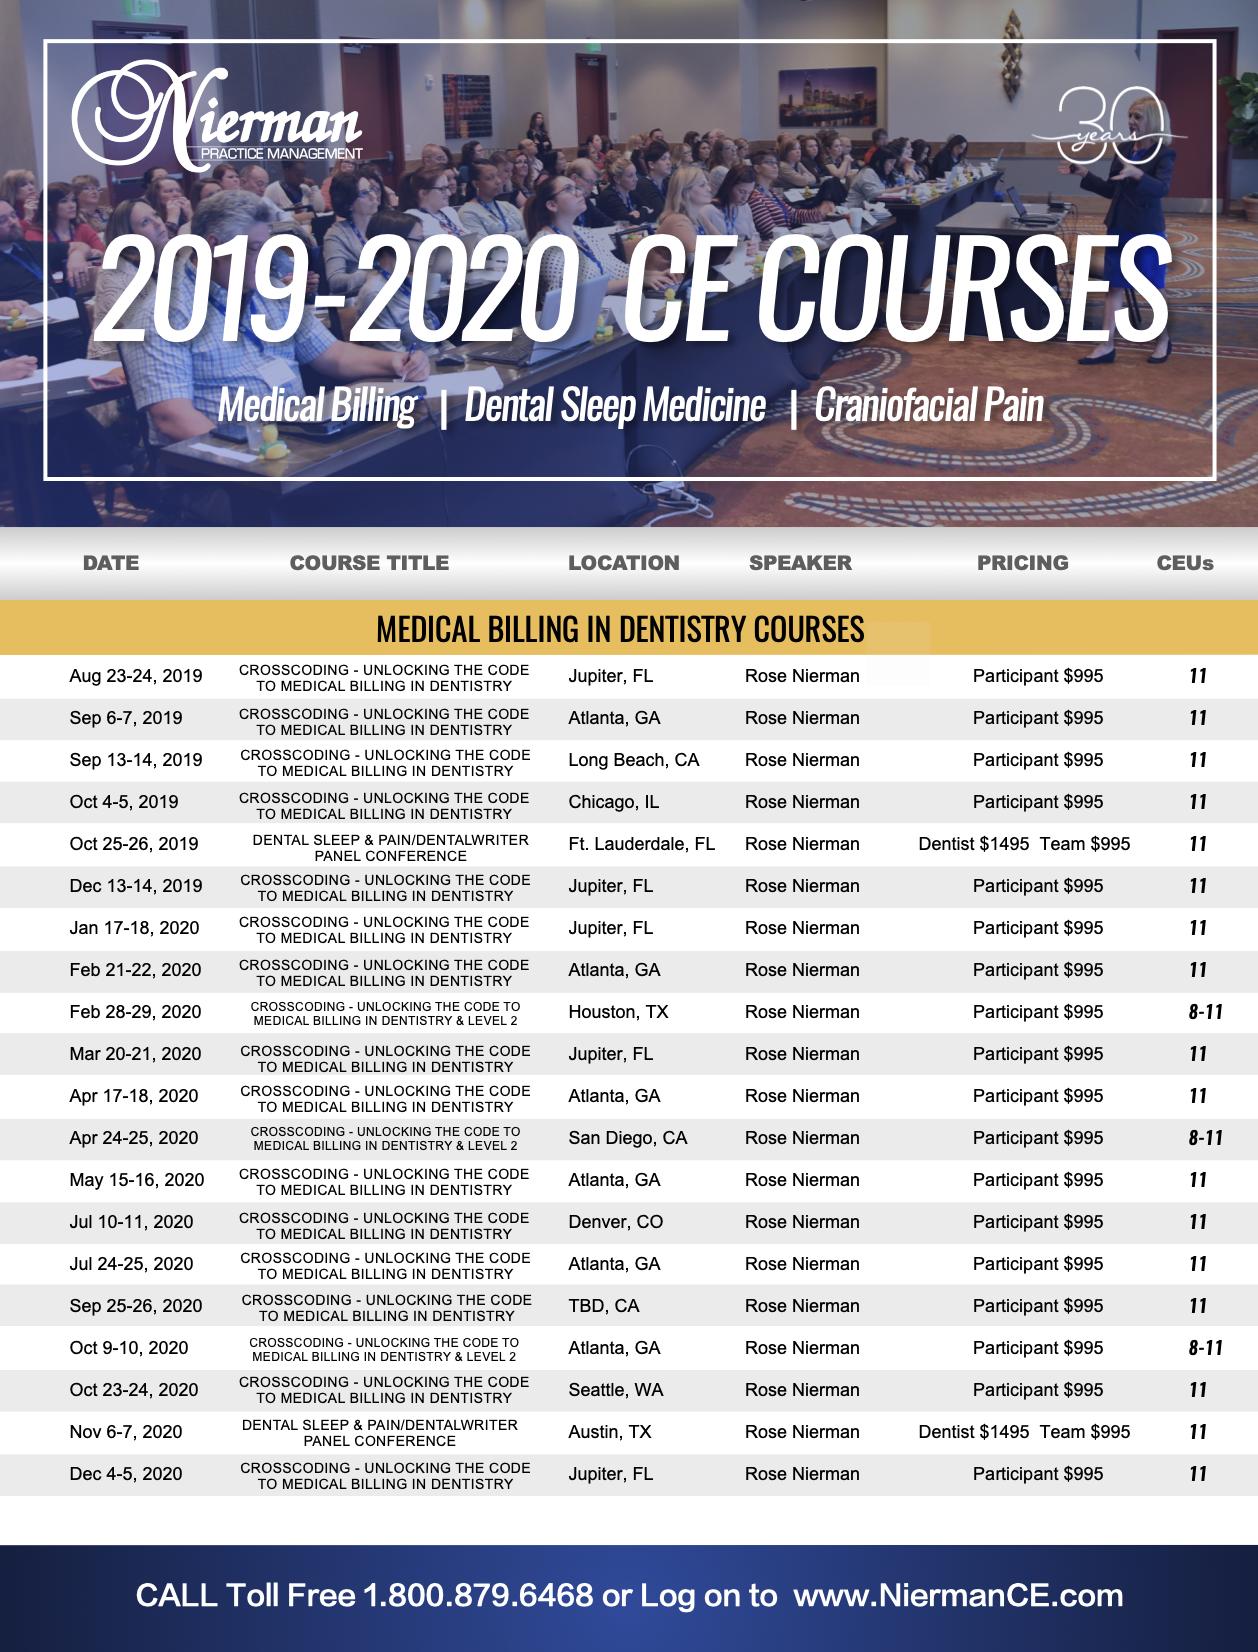 2019 CE Course Schedule | Dental Sleep Medicine, Medical